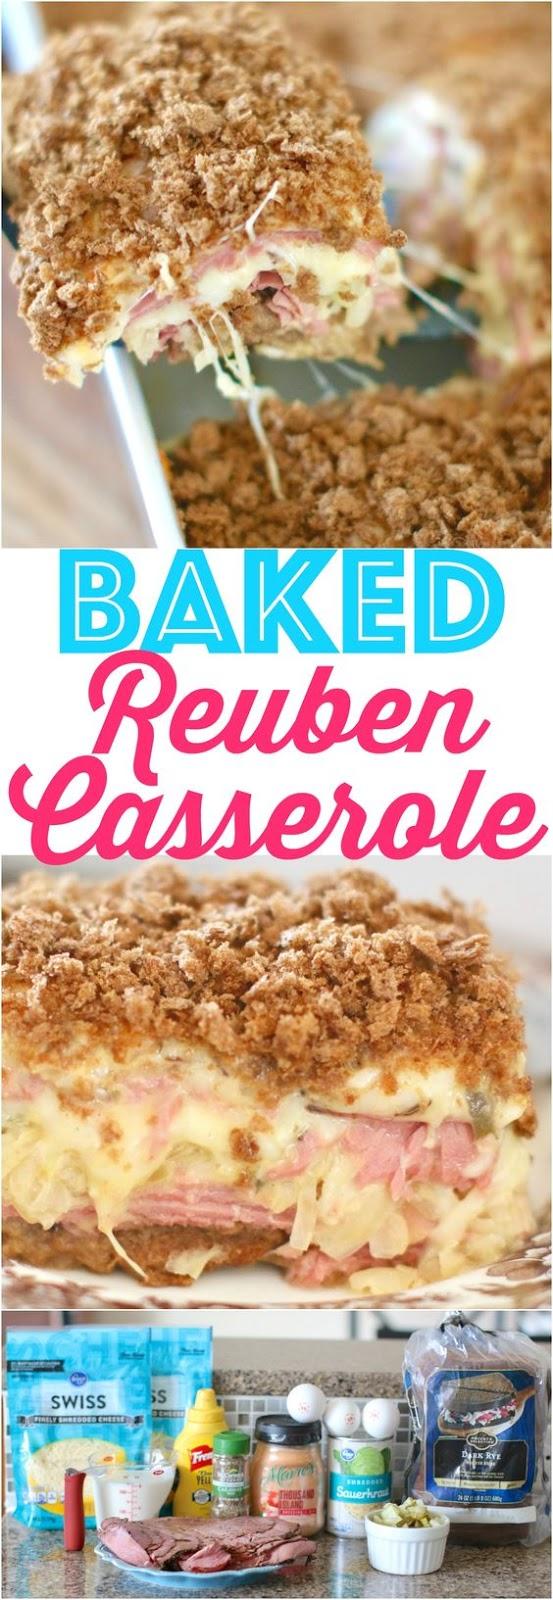 Baked Reuben Casserole